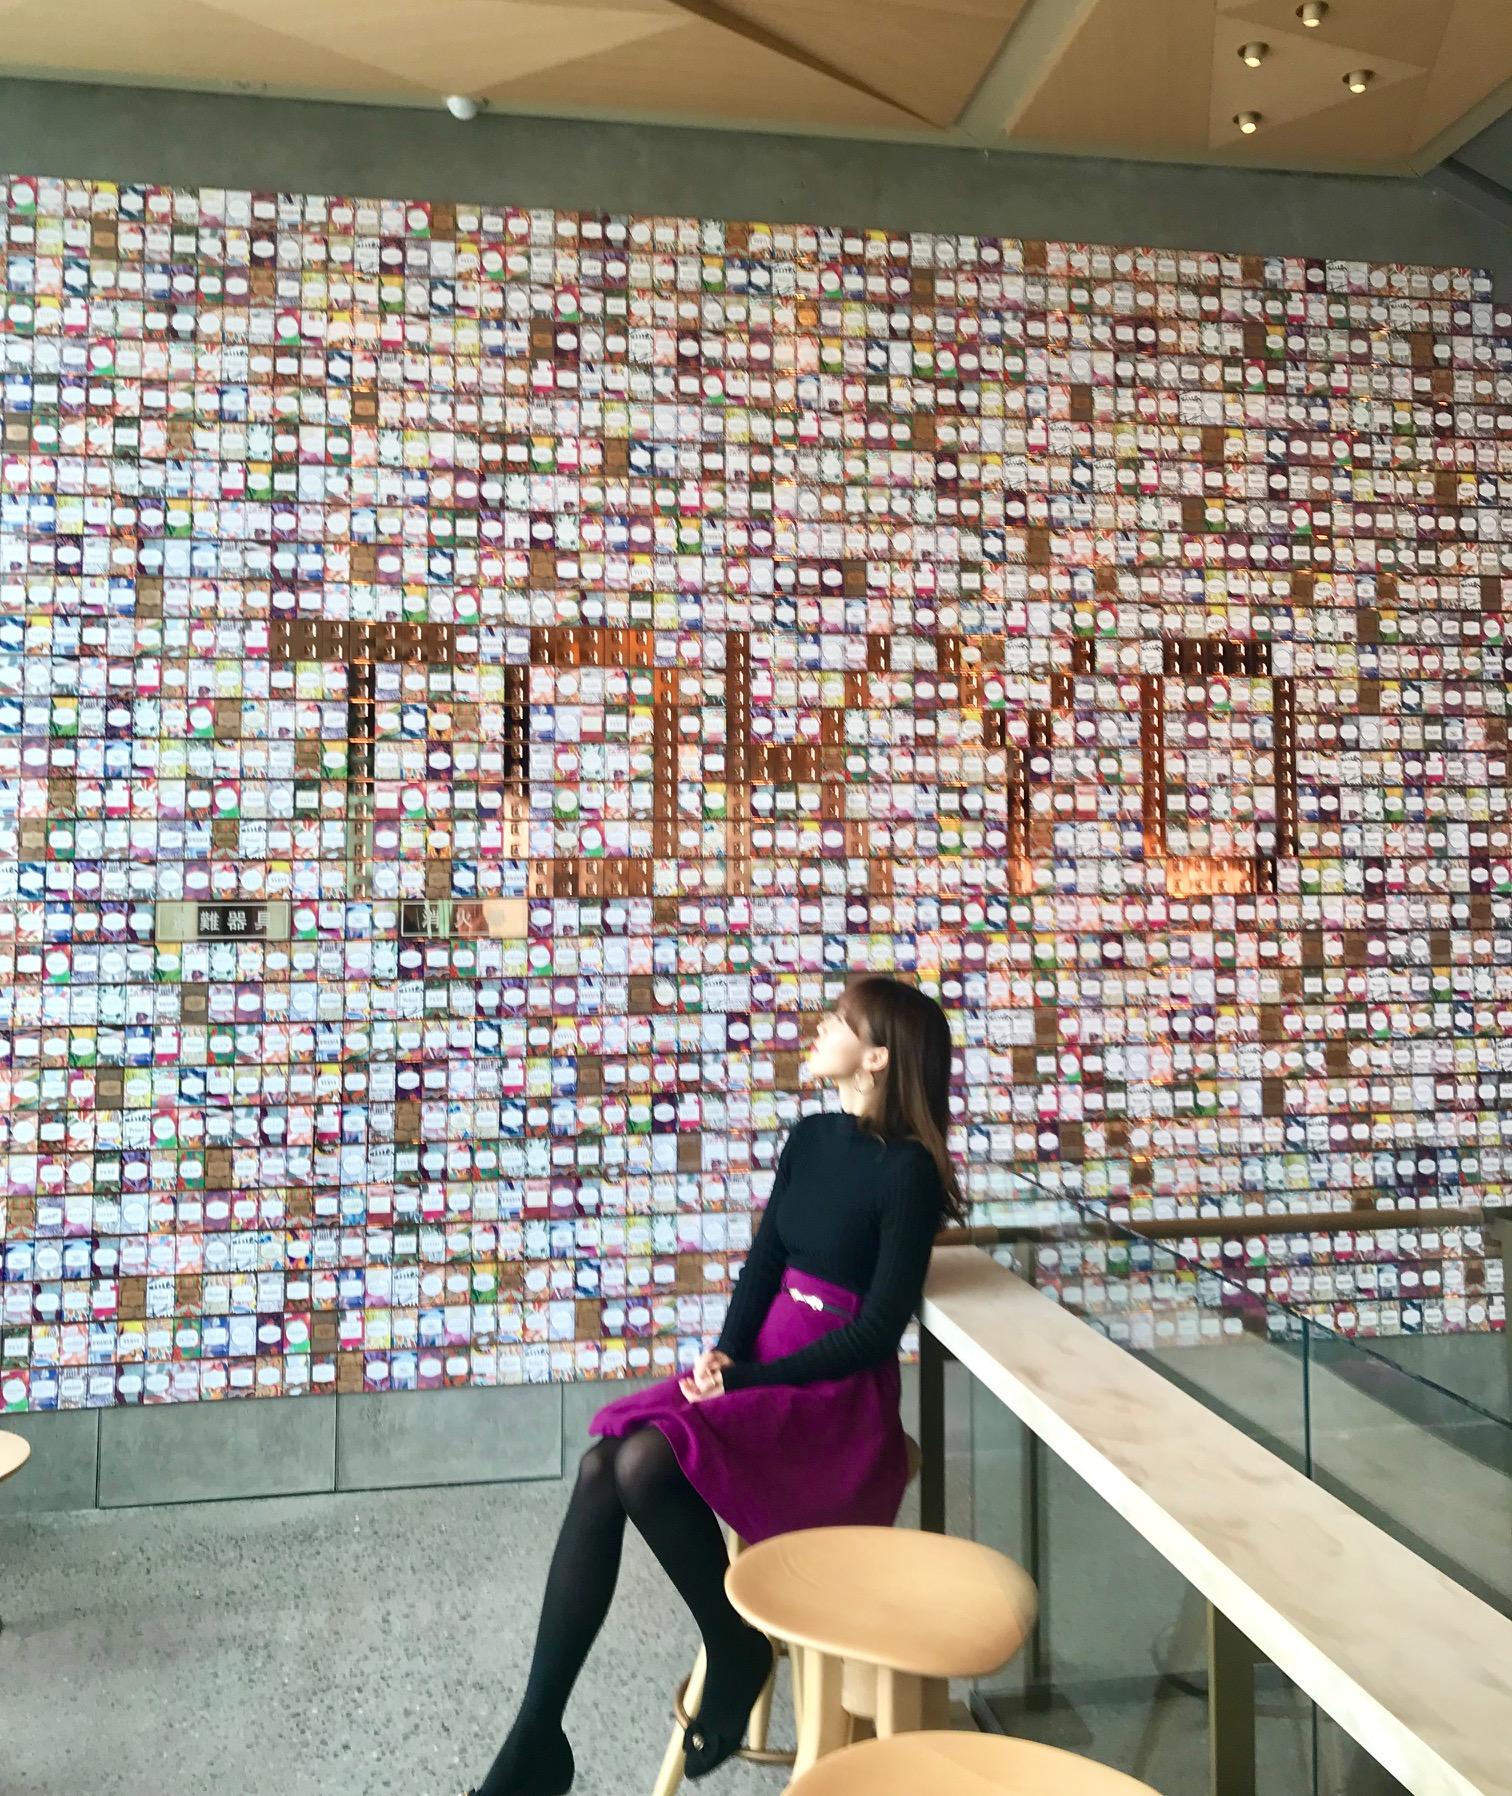 『スターバックス リザーブ ロースタリー 東京』の魅力全部見せ♡ フォトジェニックで全てが新しいスタバの世界をご堪能あれ!!_9_2